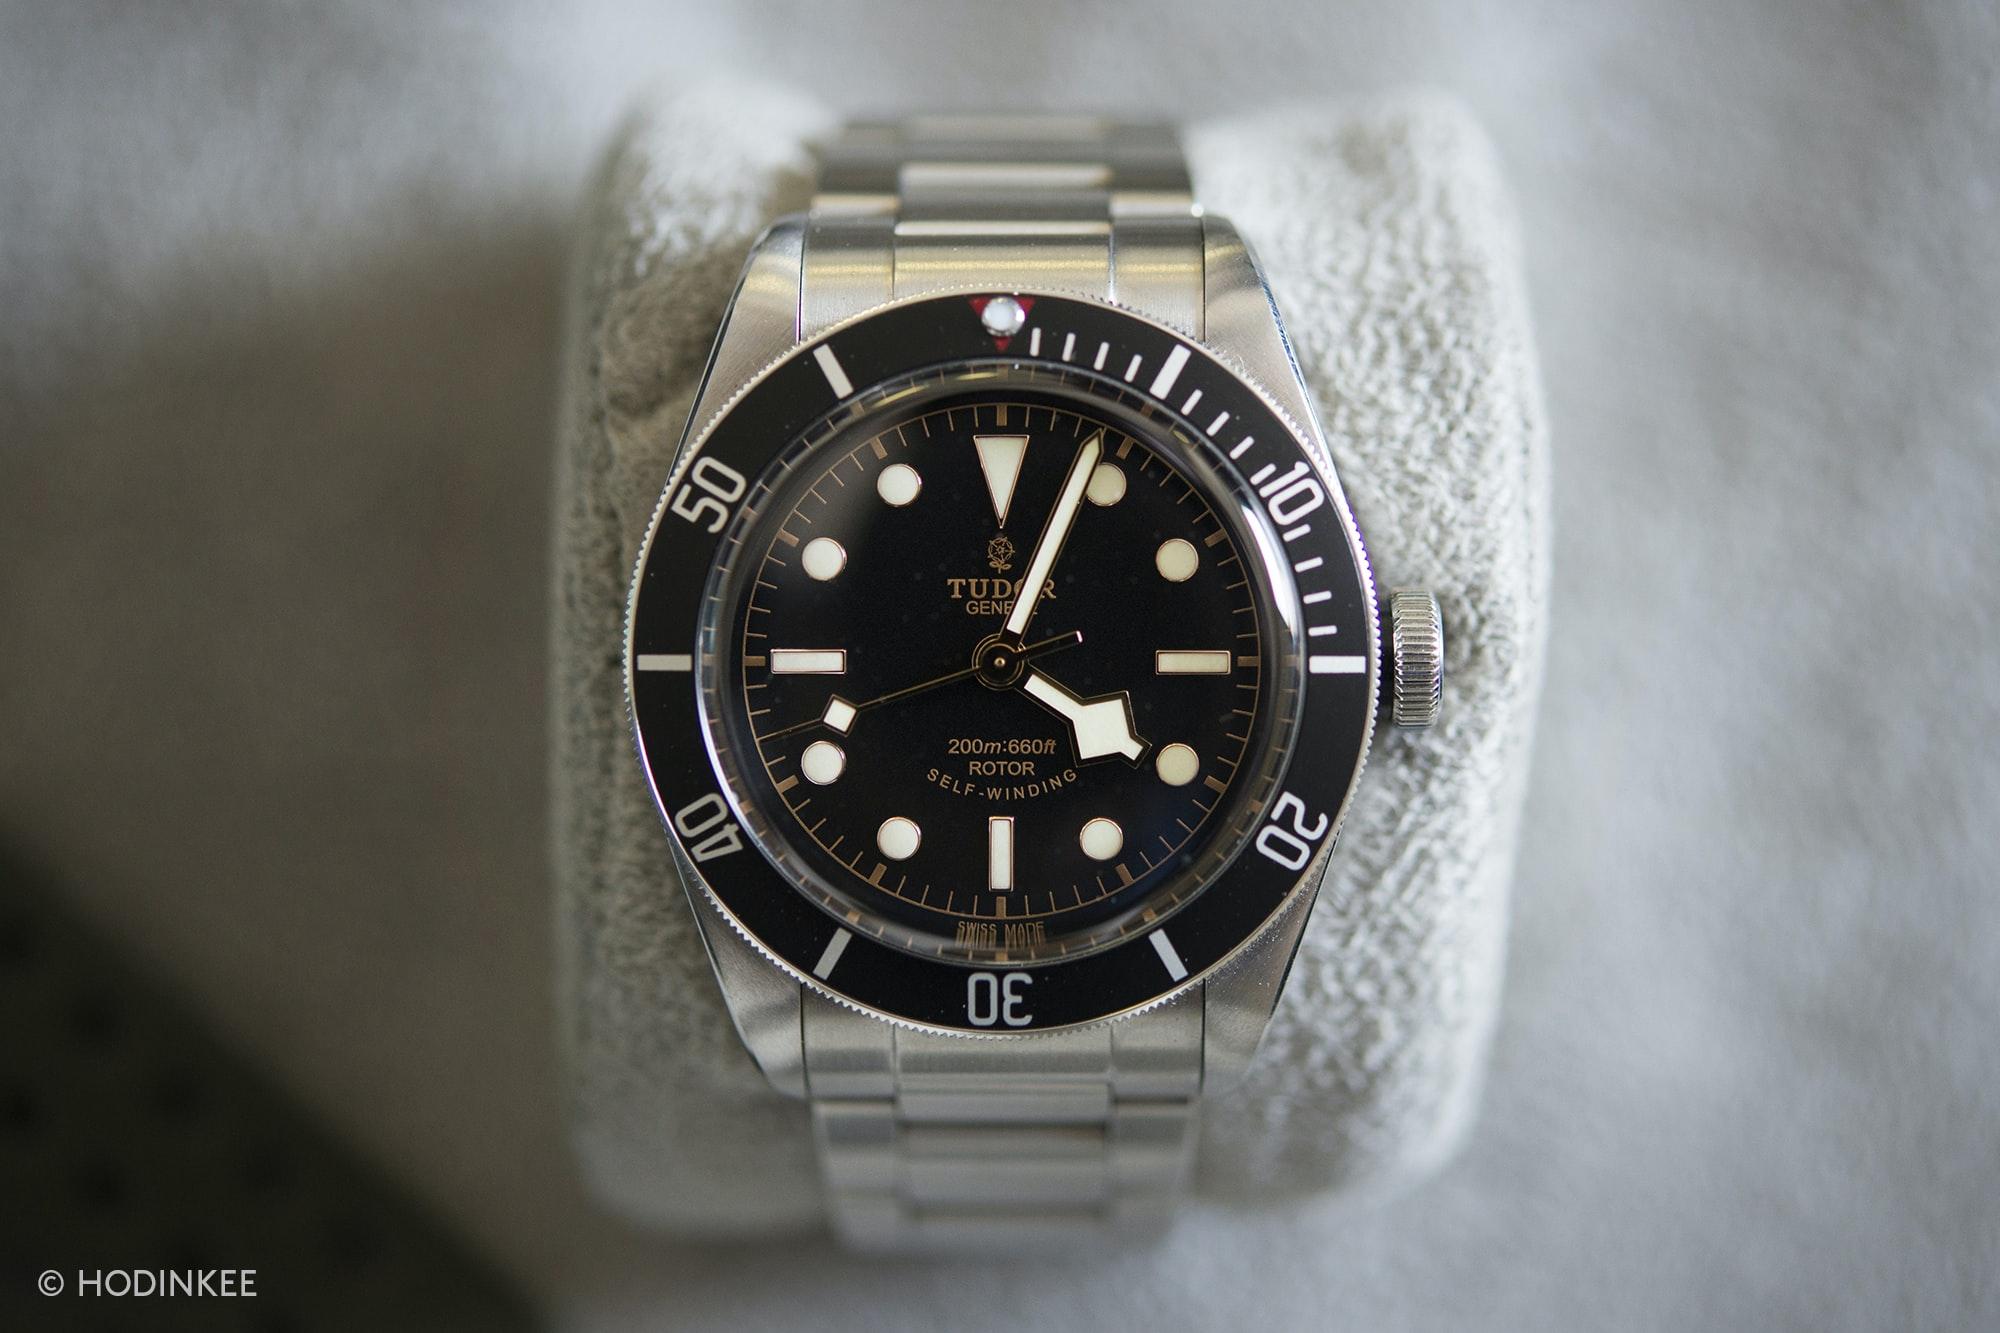 Spike Feresten Tudor Black Bay Black Talking Watches: With Spike Feresten Talking Watches: With Spike Feresten DSC 3480 copy